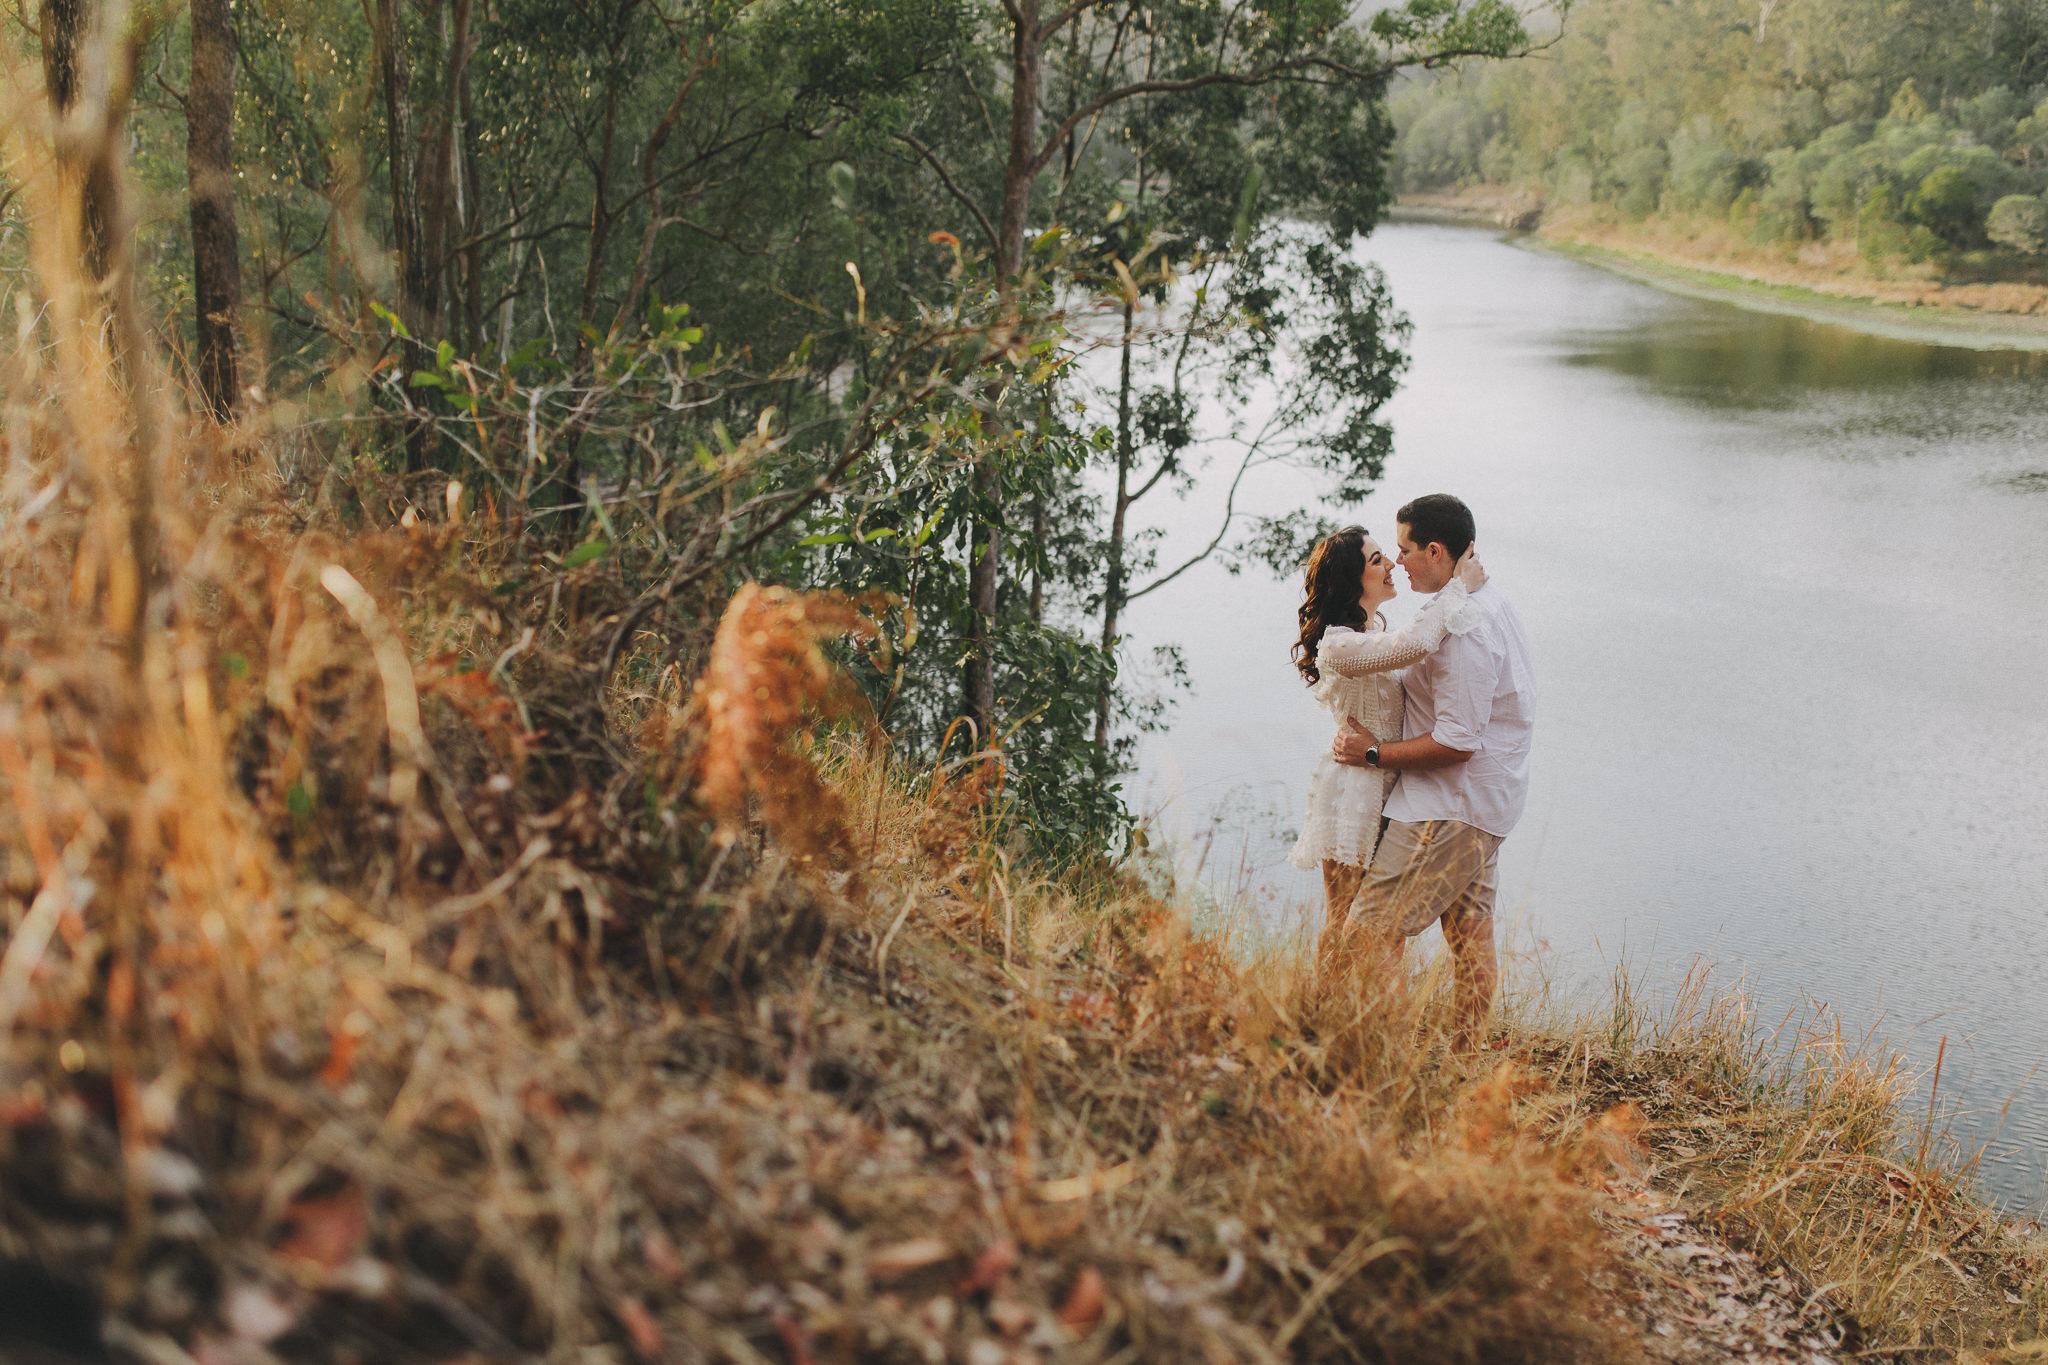 Kella&James-Engagement-resized-49 - Family Photoshoots Brisbane